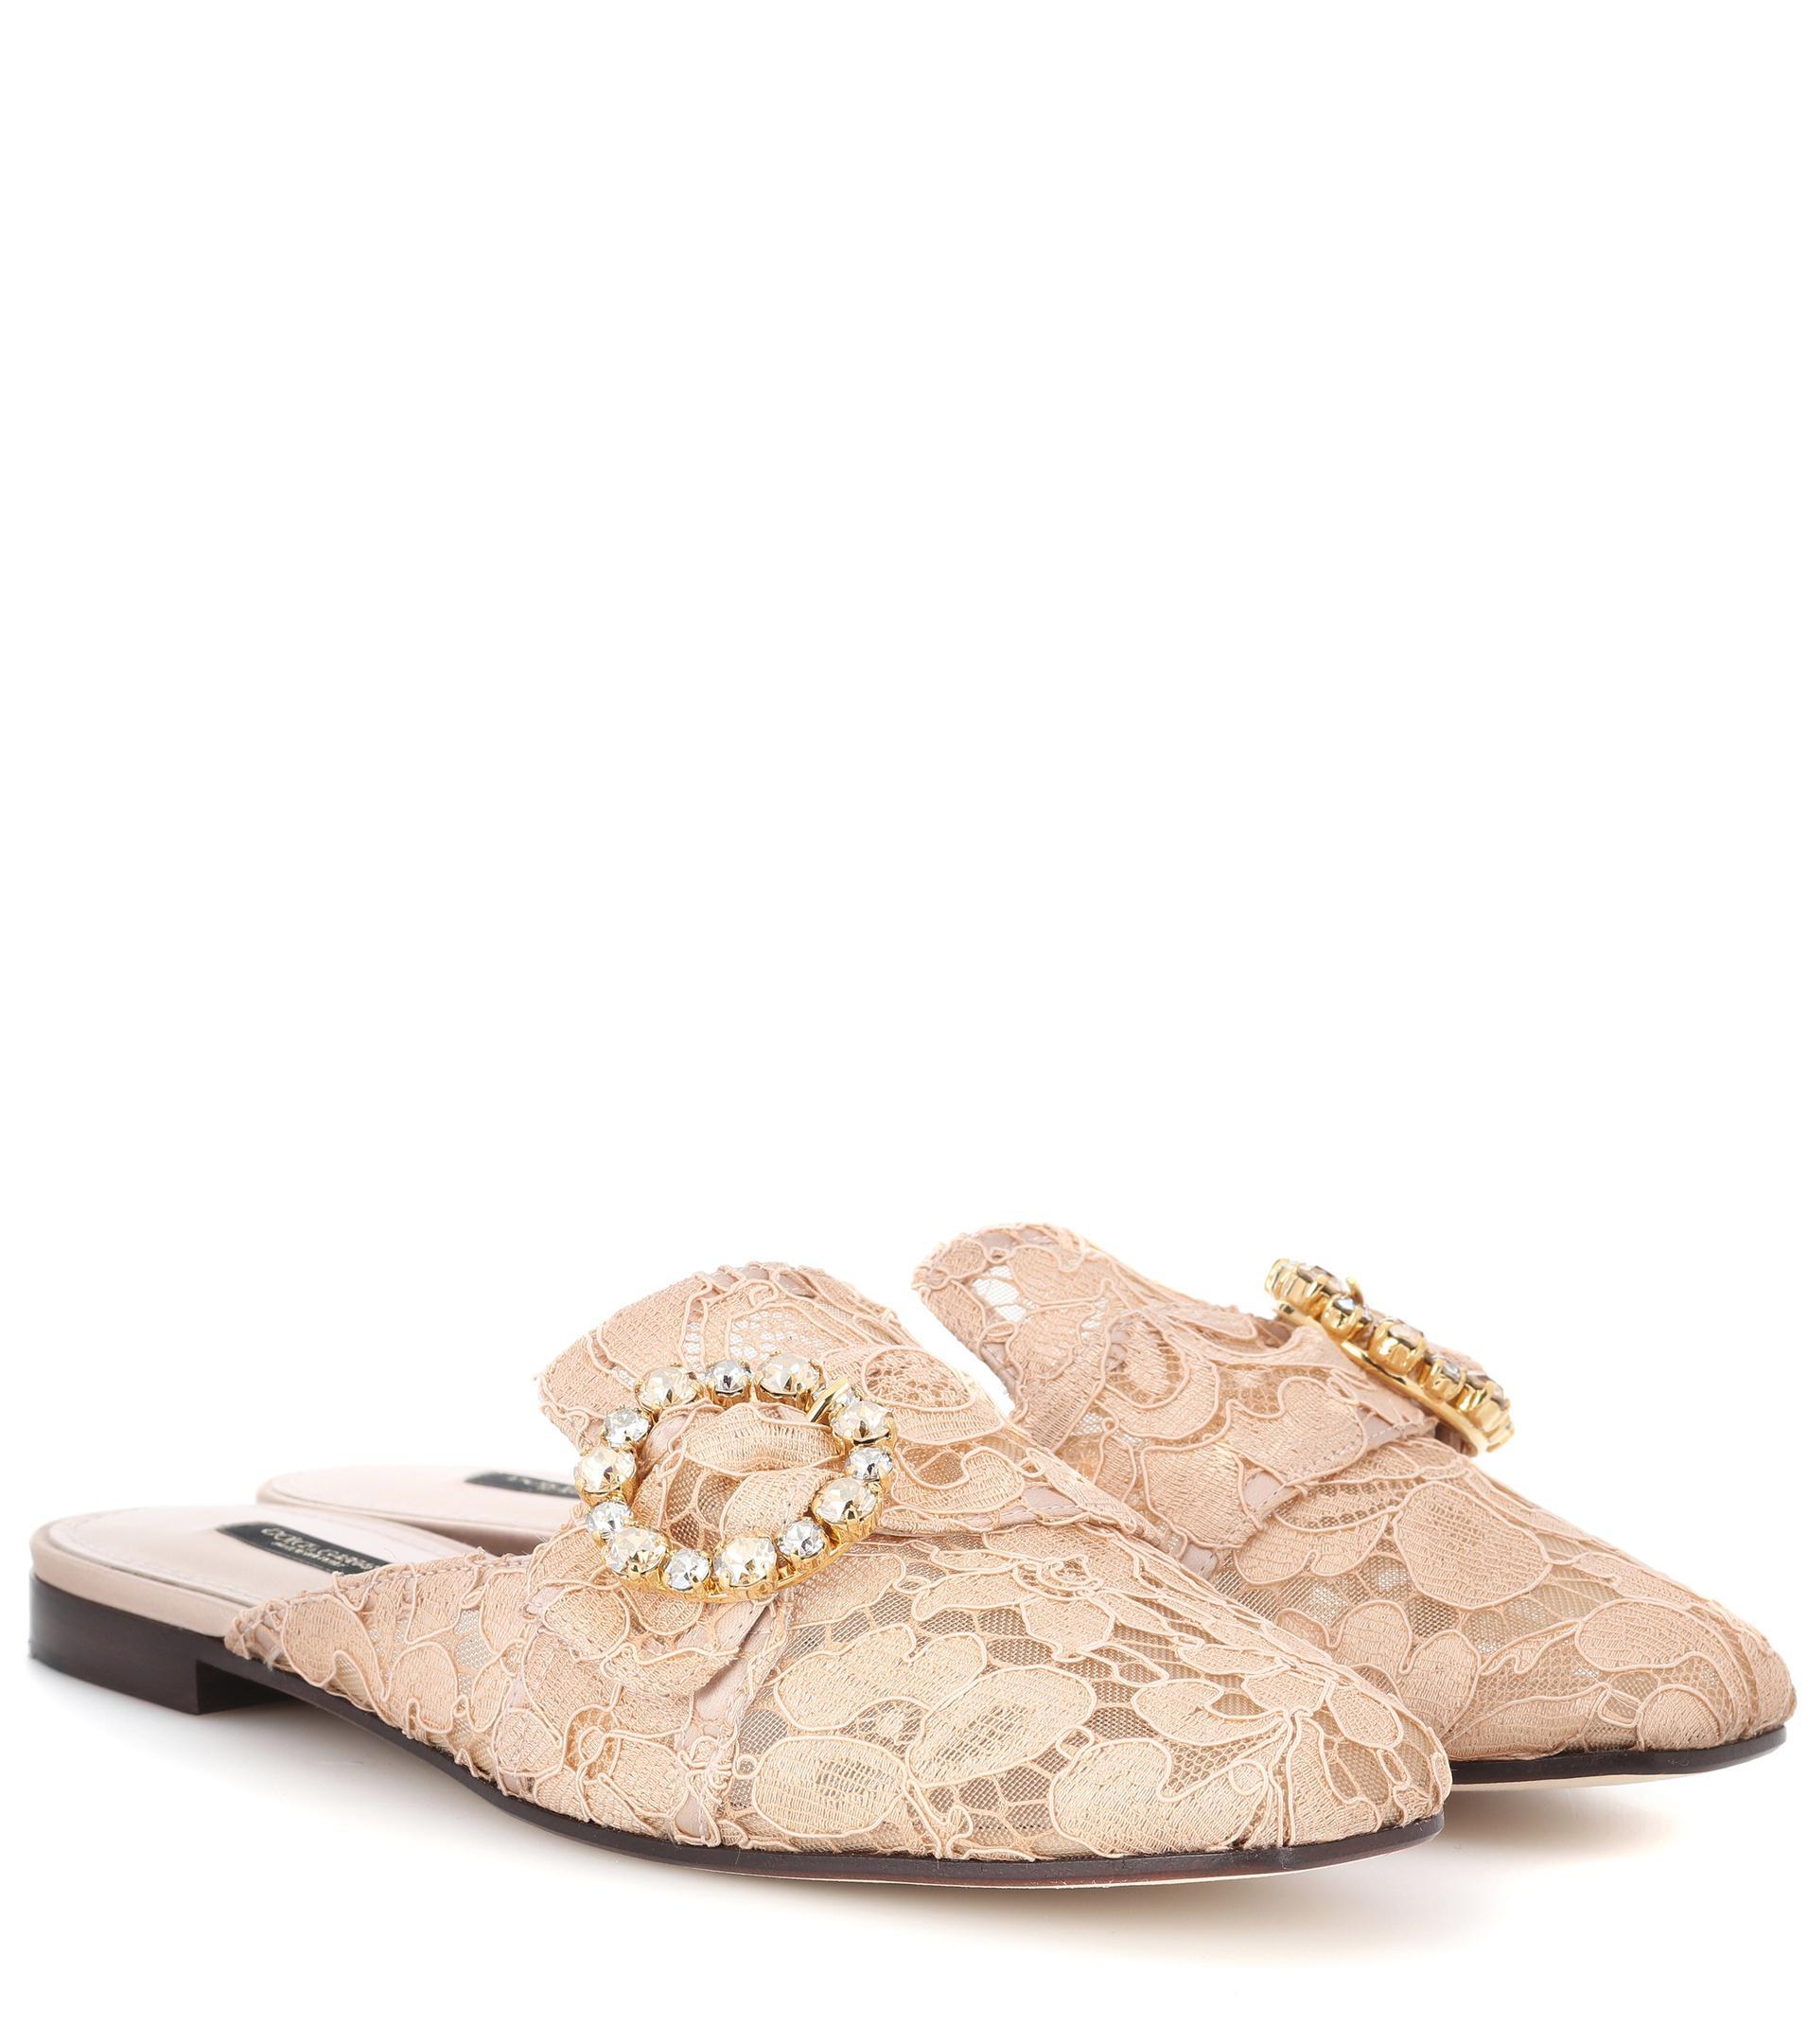 Dolce Et Pantoufles Dentelle Gabbana Avec Des Ornements En Cristal - Métalliques IfQpPV